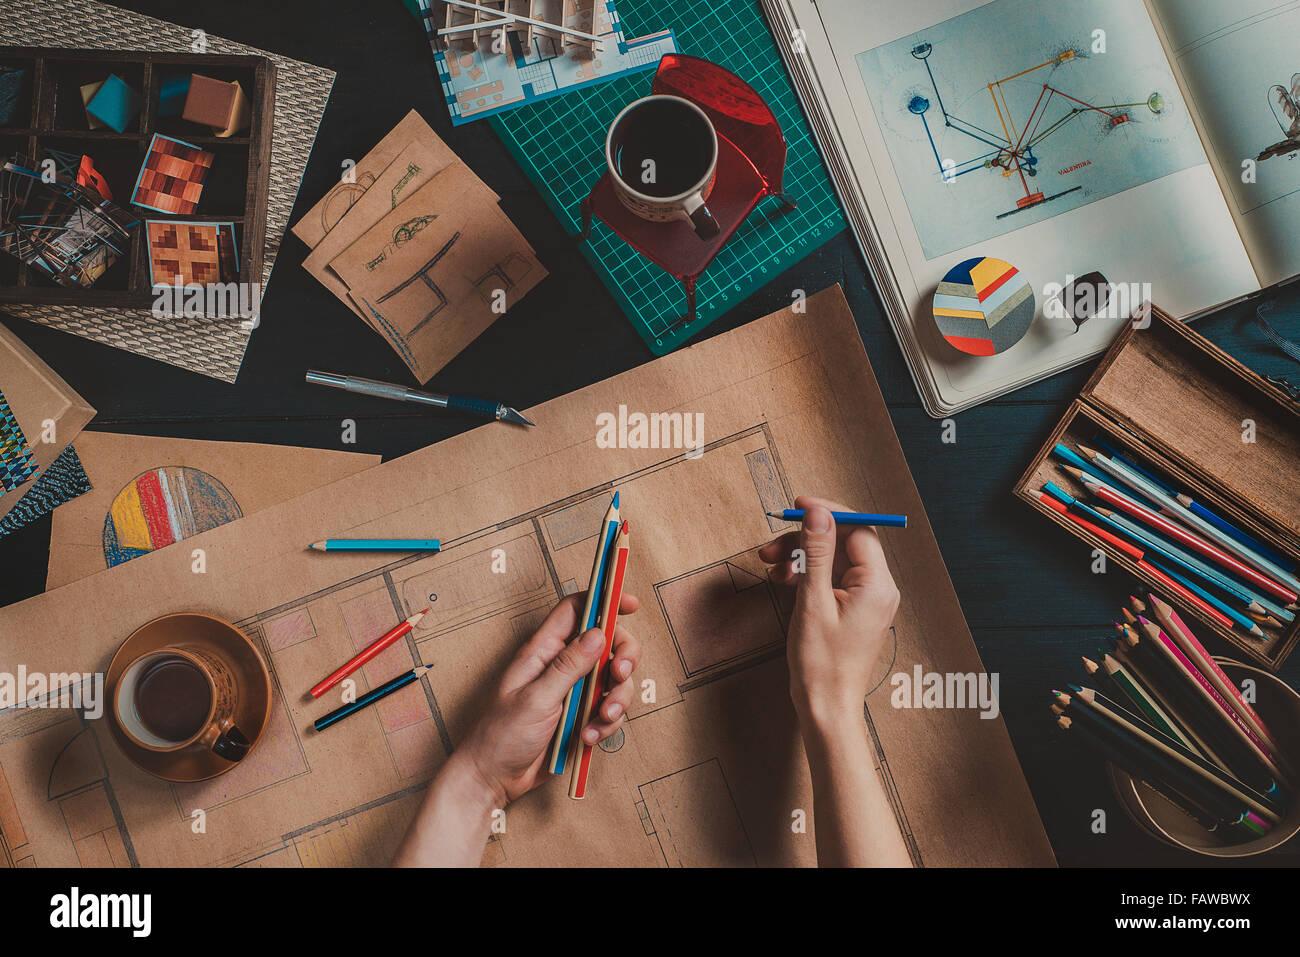 Travail de créateur avec des outils de création et de house plans Photo Stock